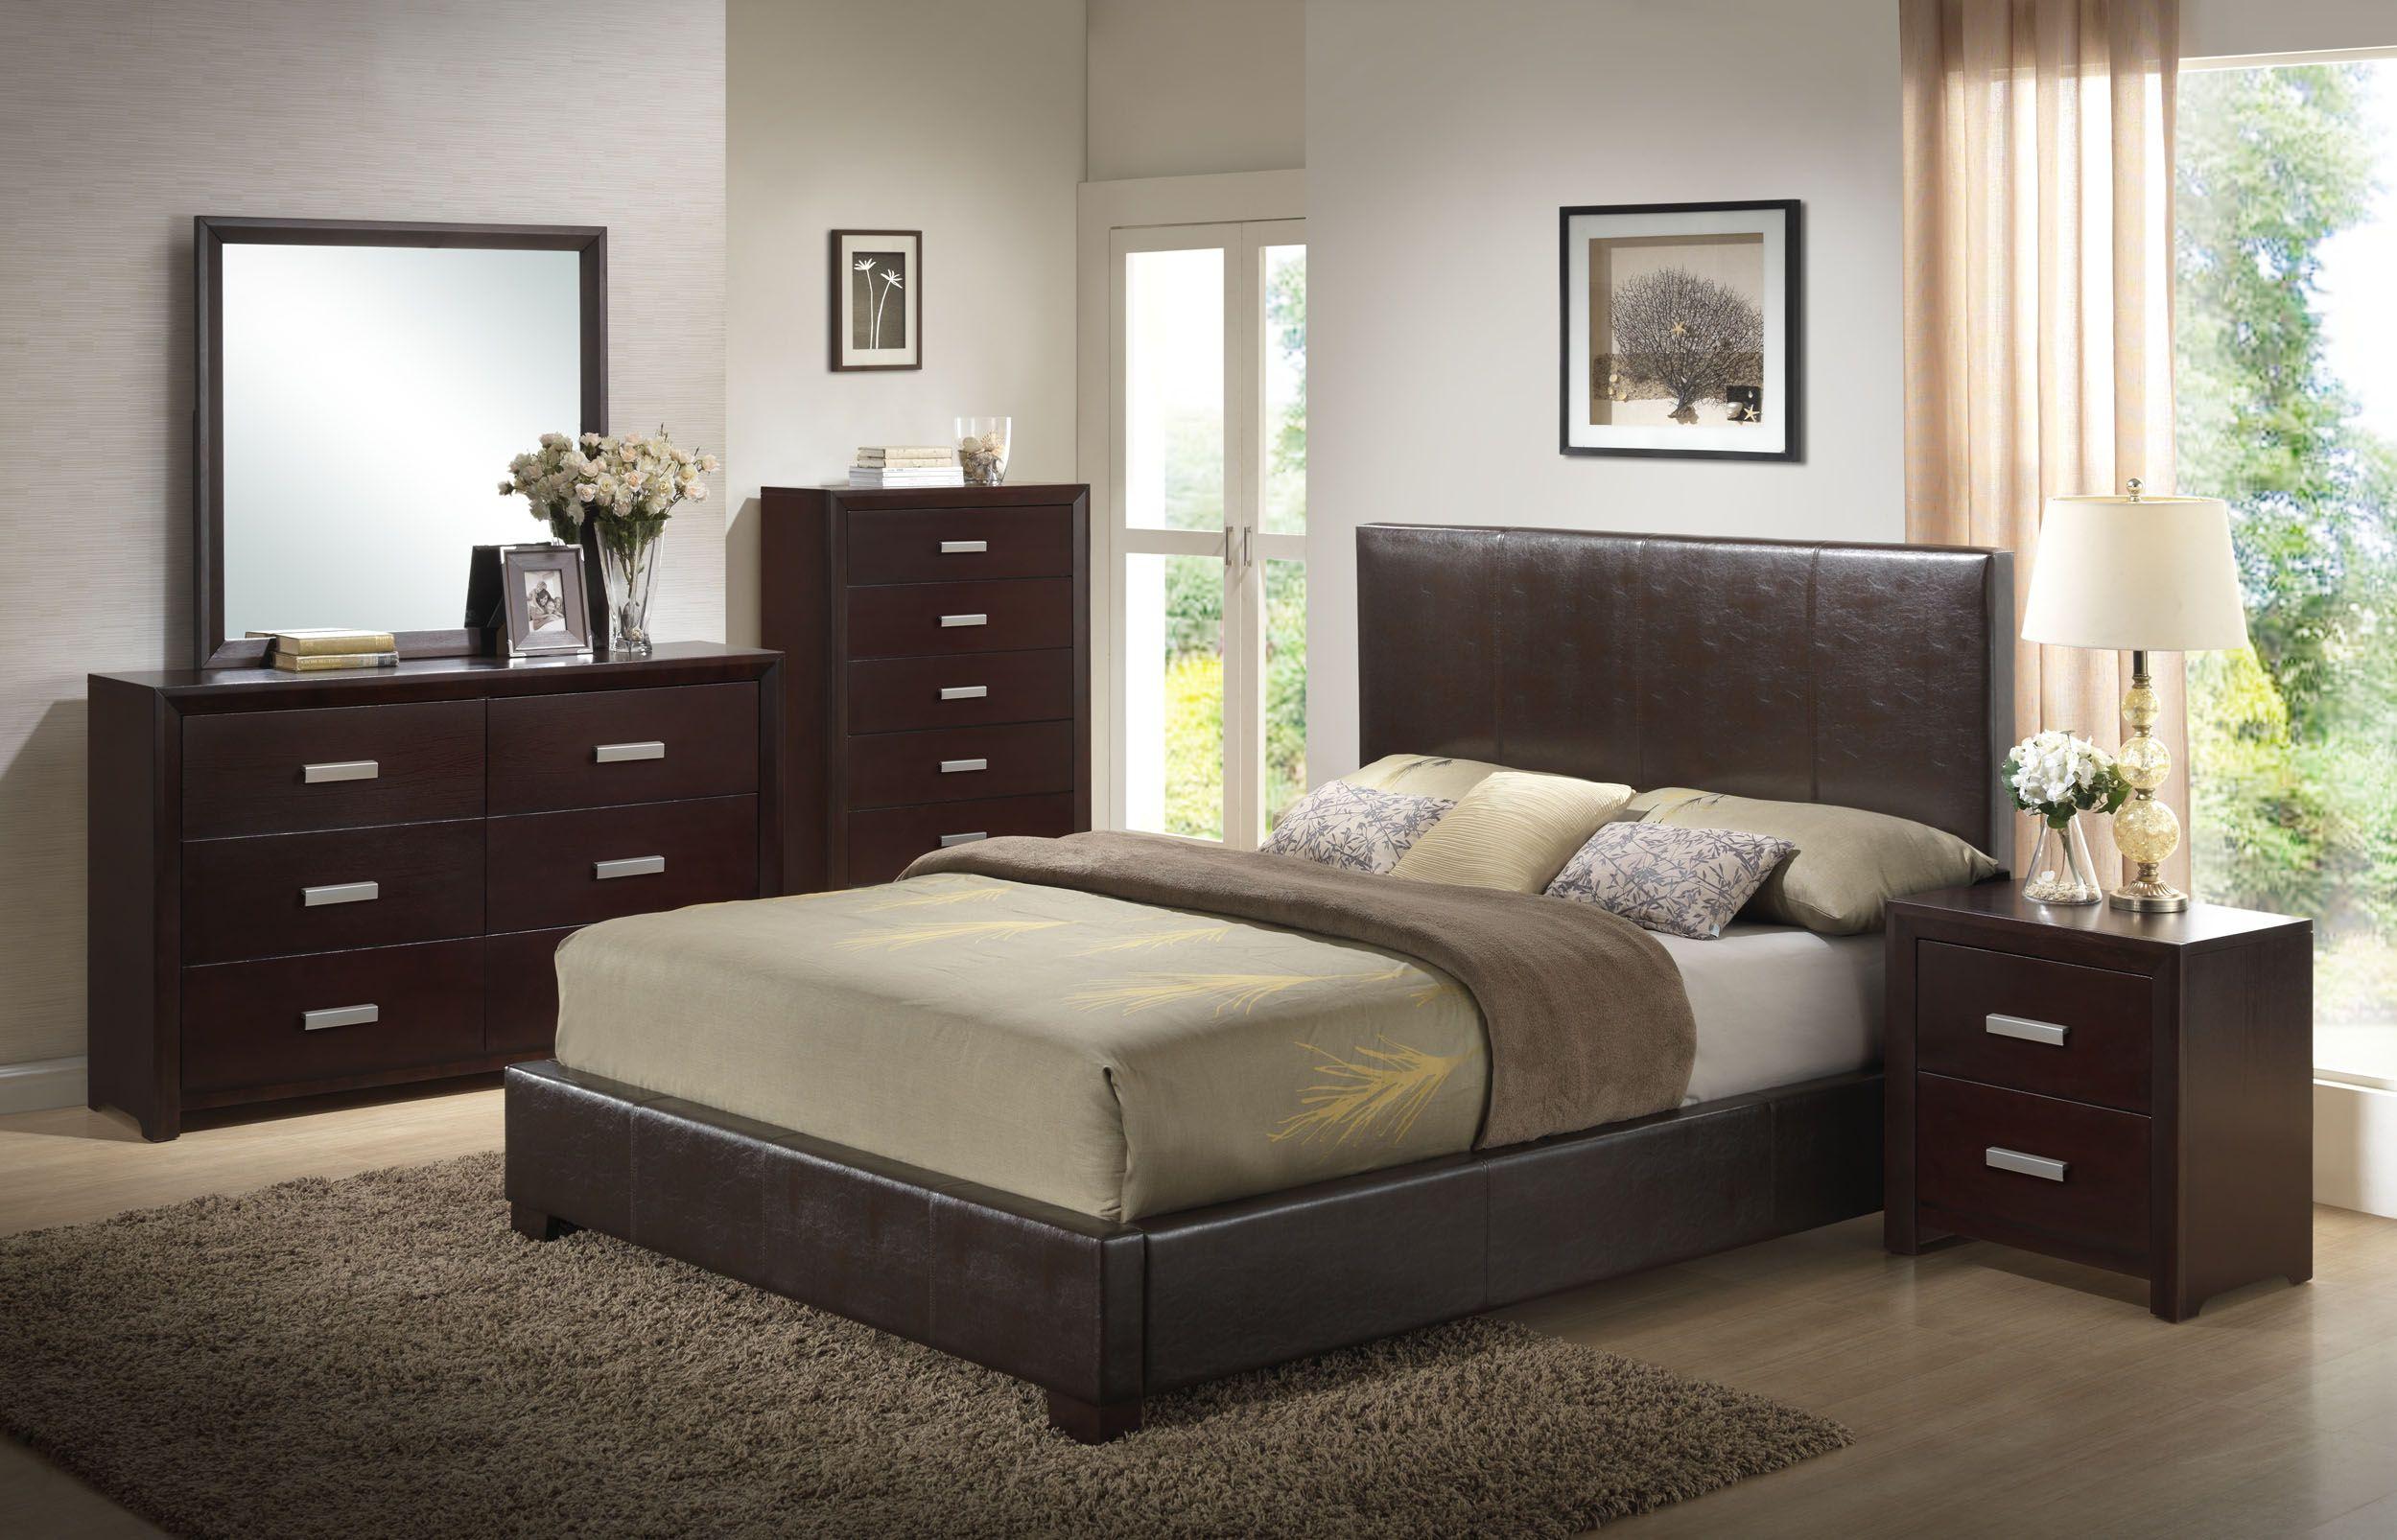 5-piece bedroom set | Queen sized bedroom sets, Tranquil ...